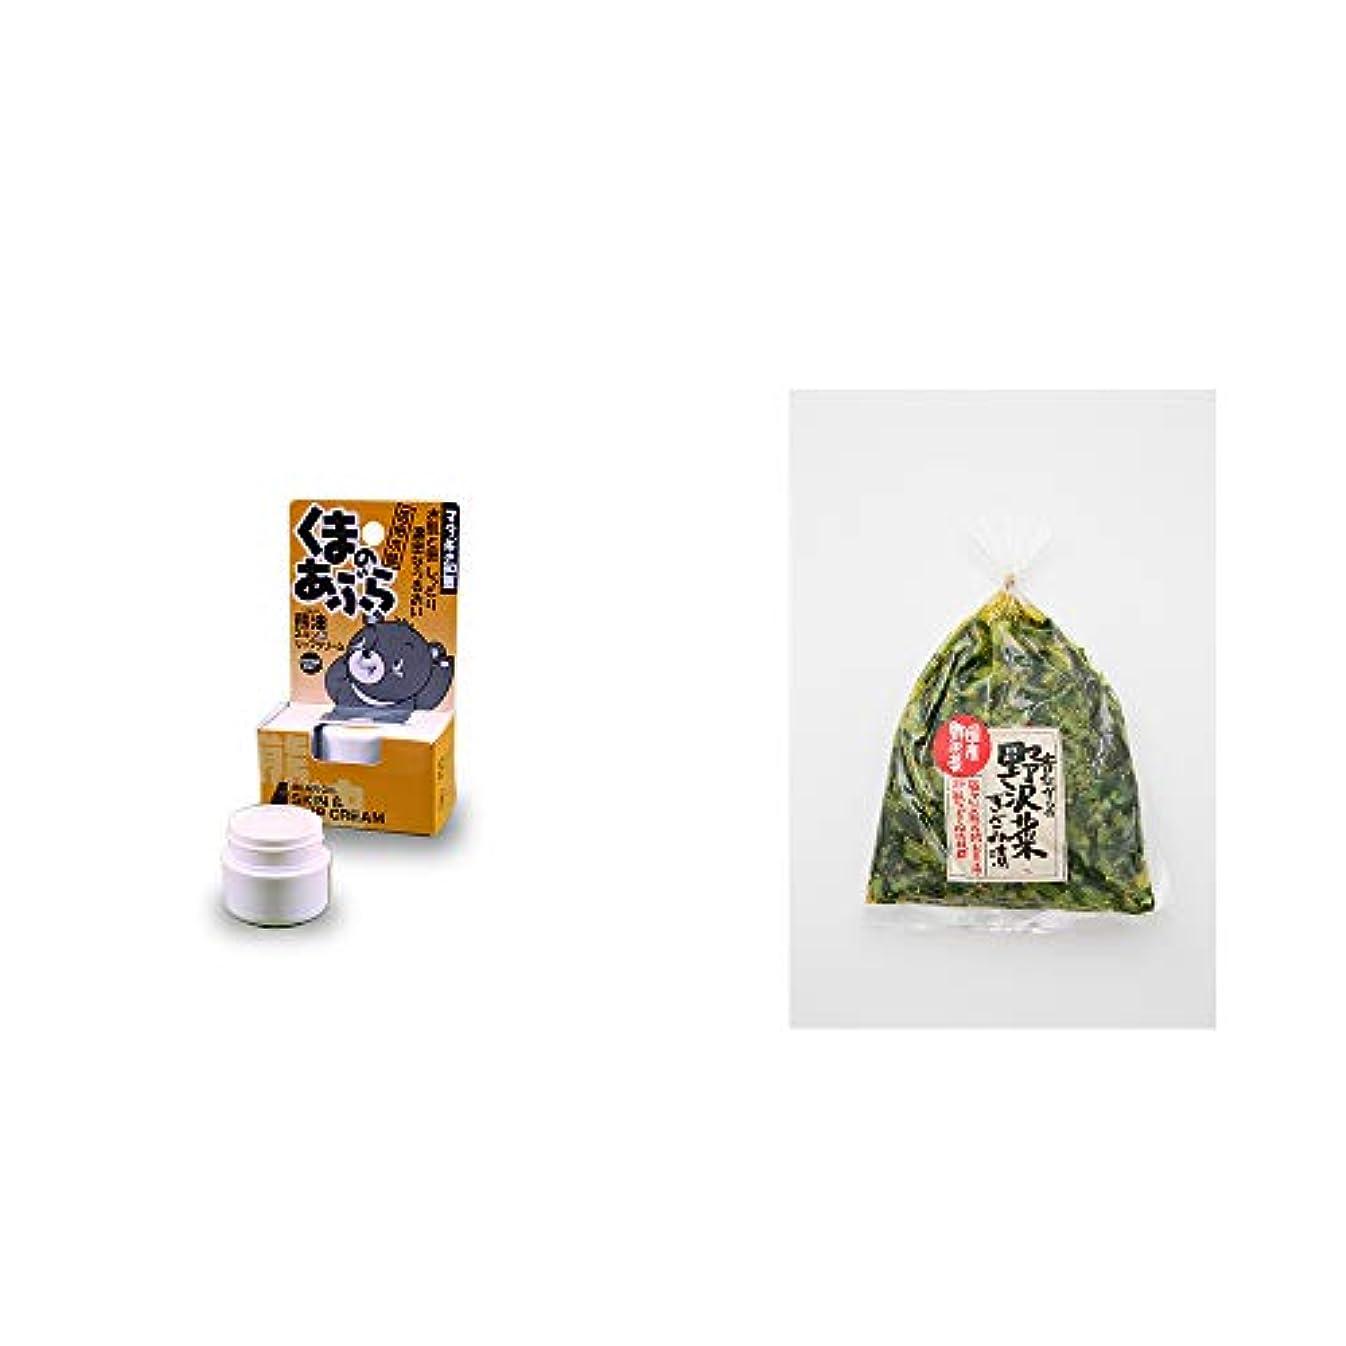 適格ピットライナー[2点セット] 信州木曽 くまのあぶら 熊油スキン&リップクリーム(9g)?国産 昔ながらの野沢菜きざみ漬け(150g)